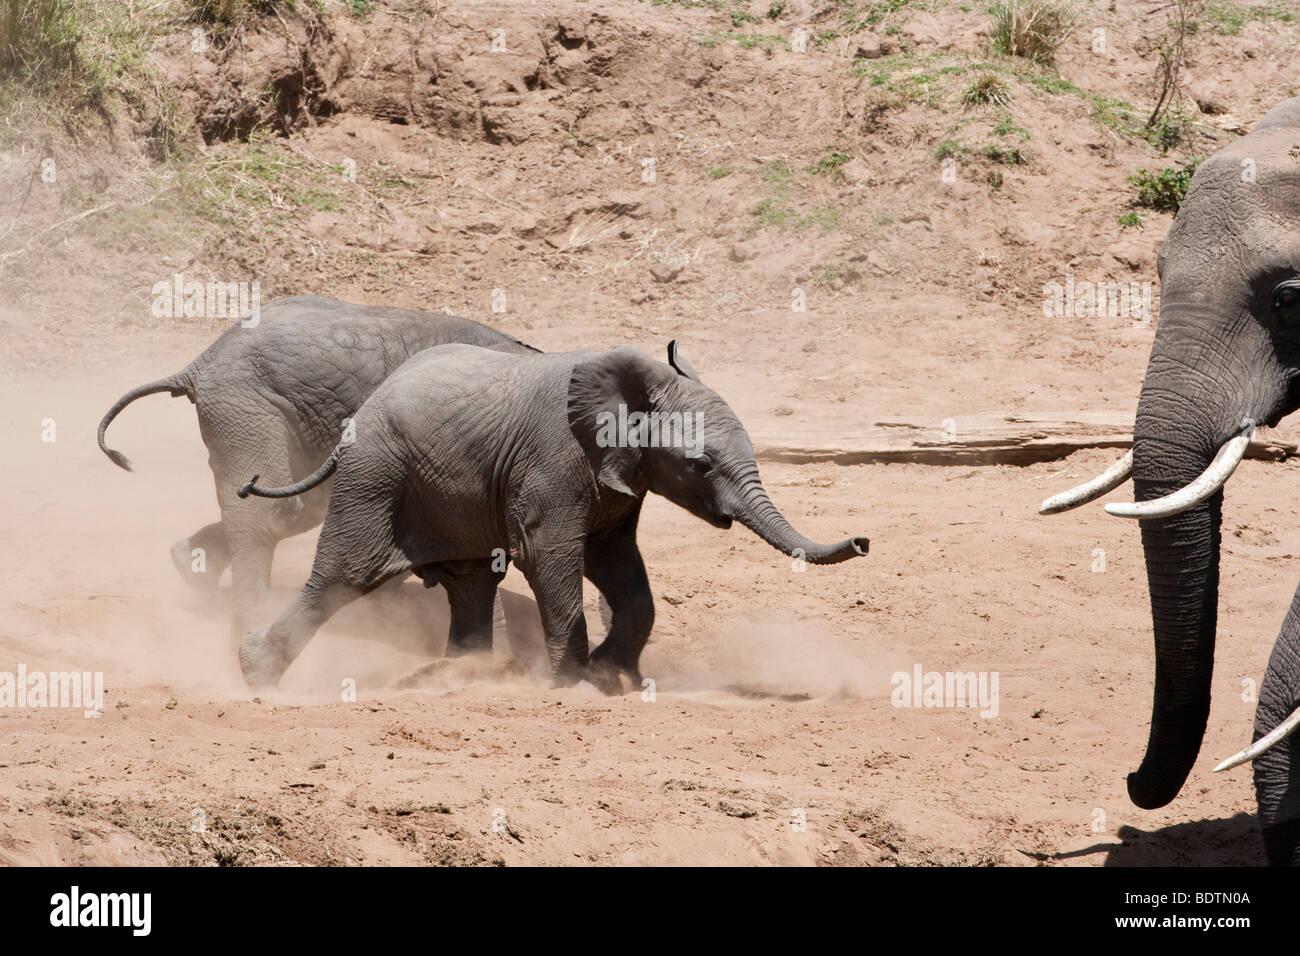 Adorabili e simpatici funny twin neonato elefanti africani eccitato in esecuzione, mescolando polvere, guardato Immagini Stock